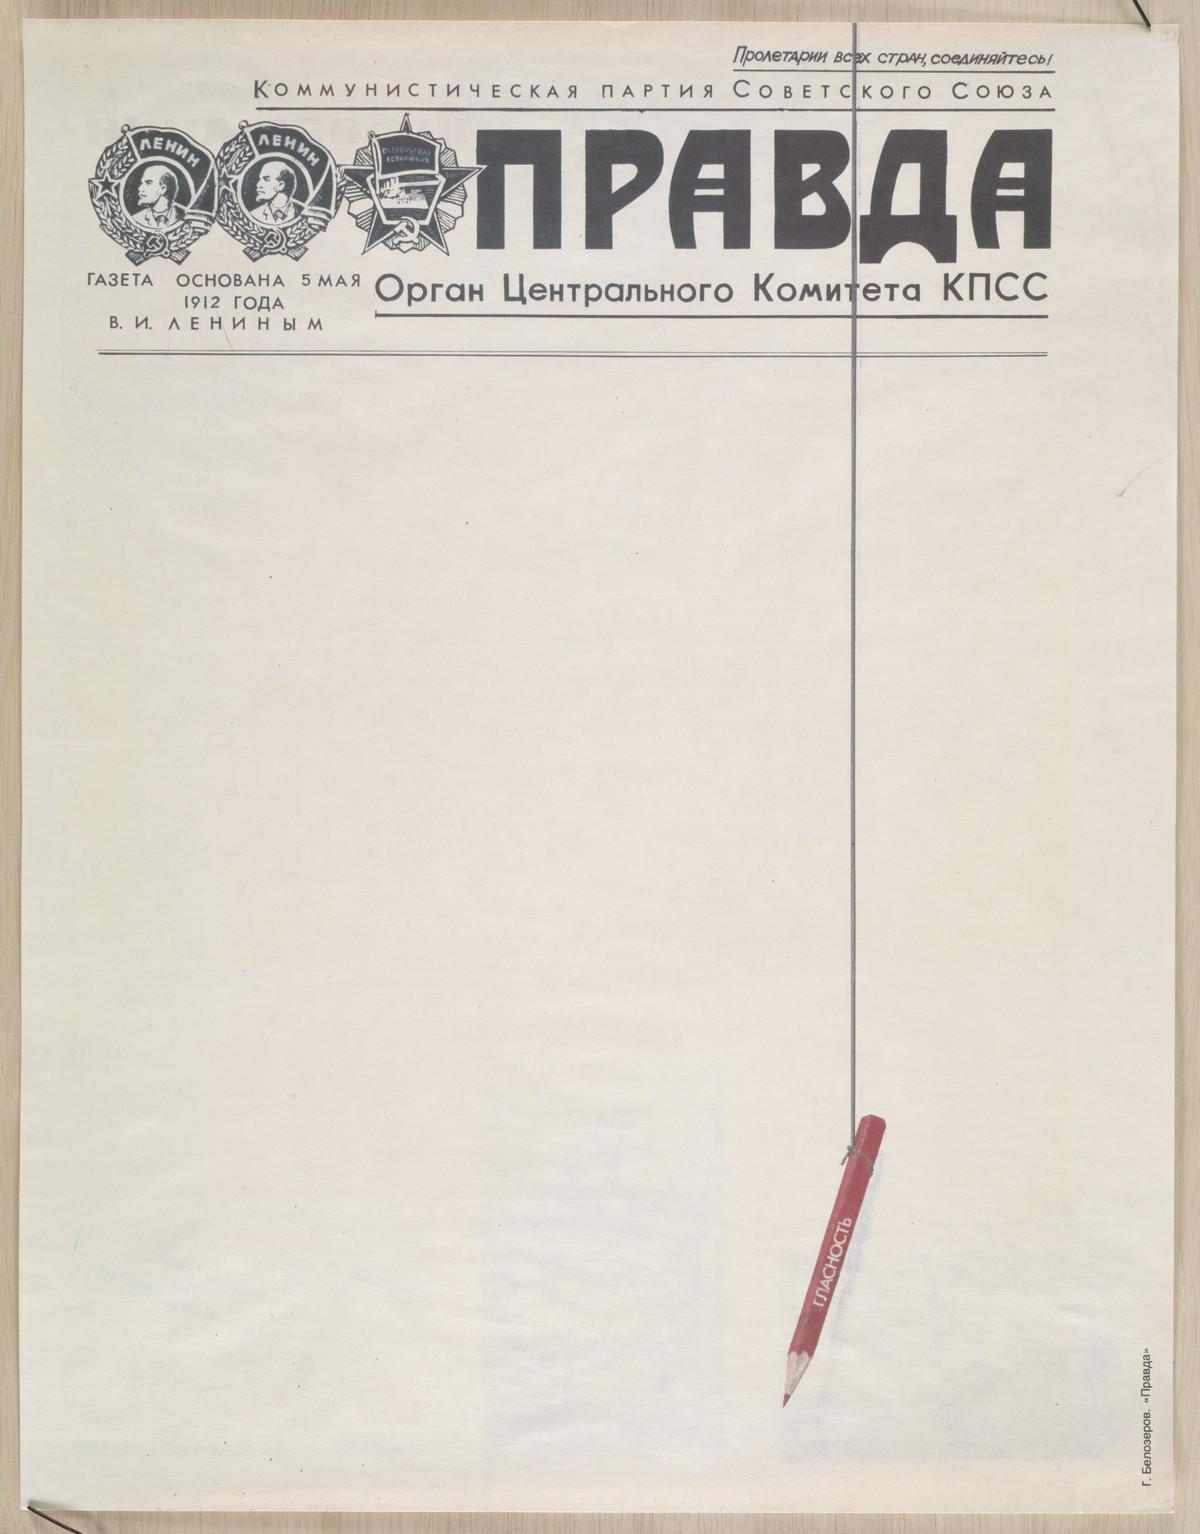 sovetskie-kommunisticheskie-plakaty_60